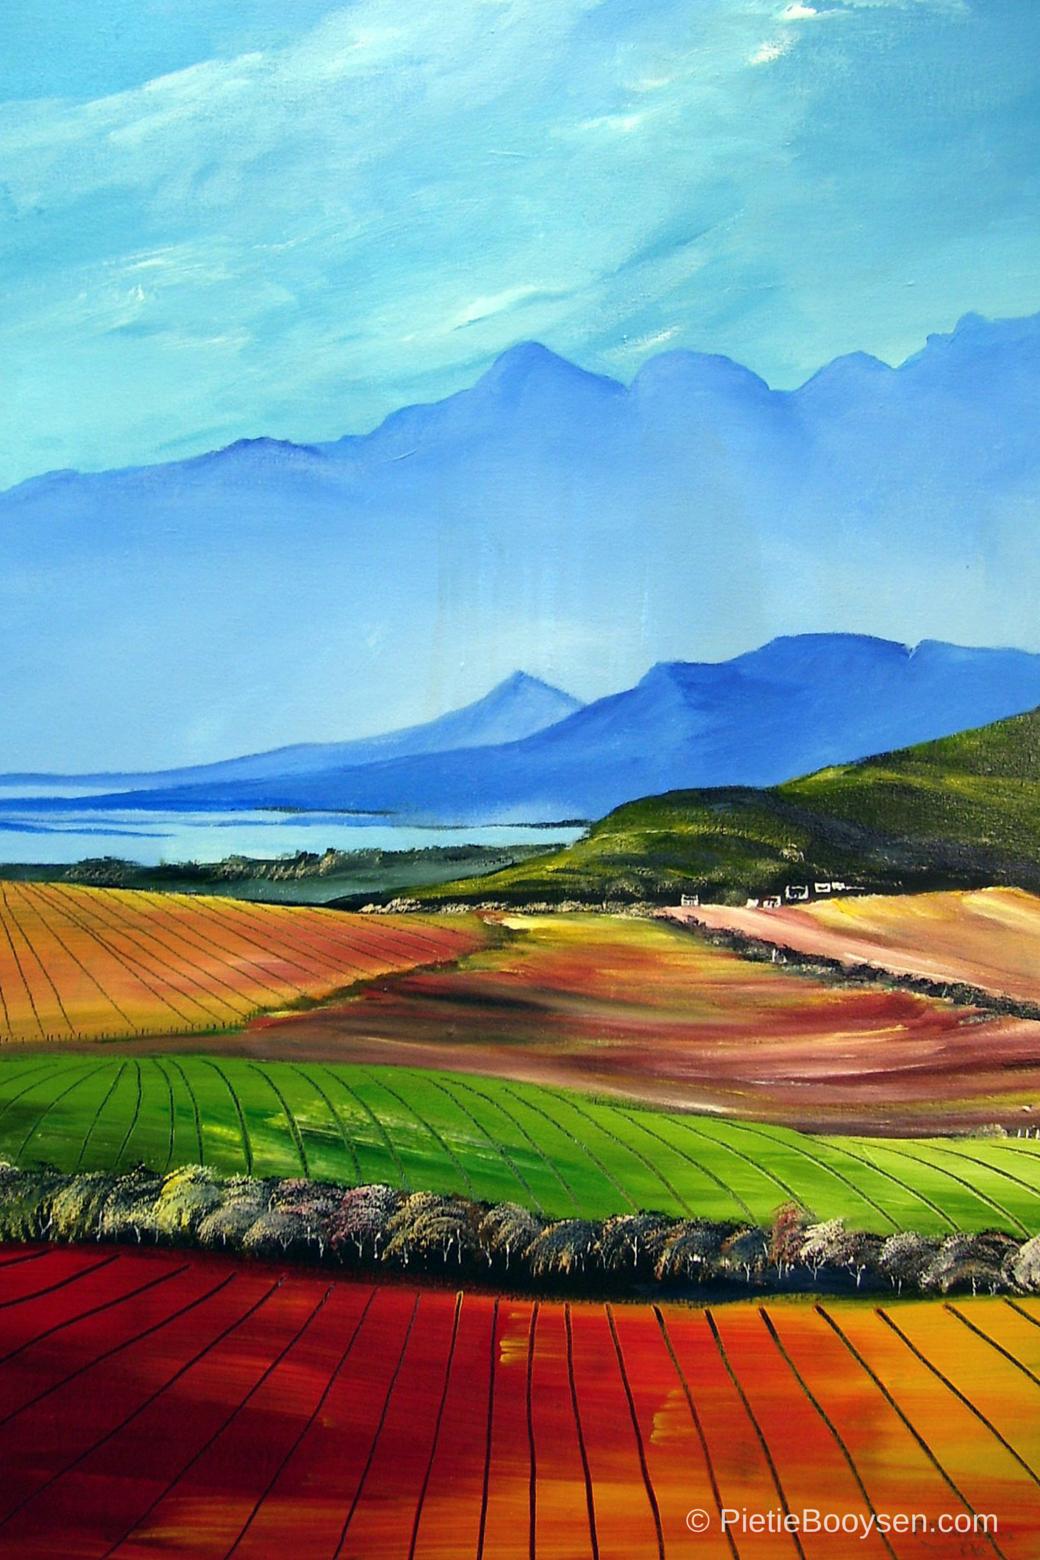 Hex River Valley & dam by Pietie Booysen